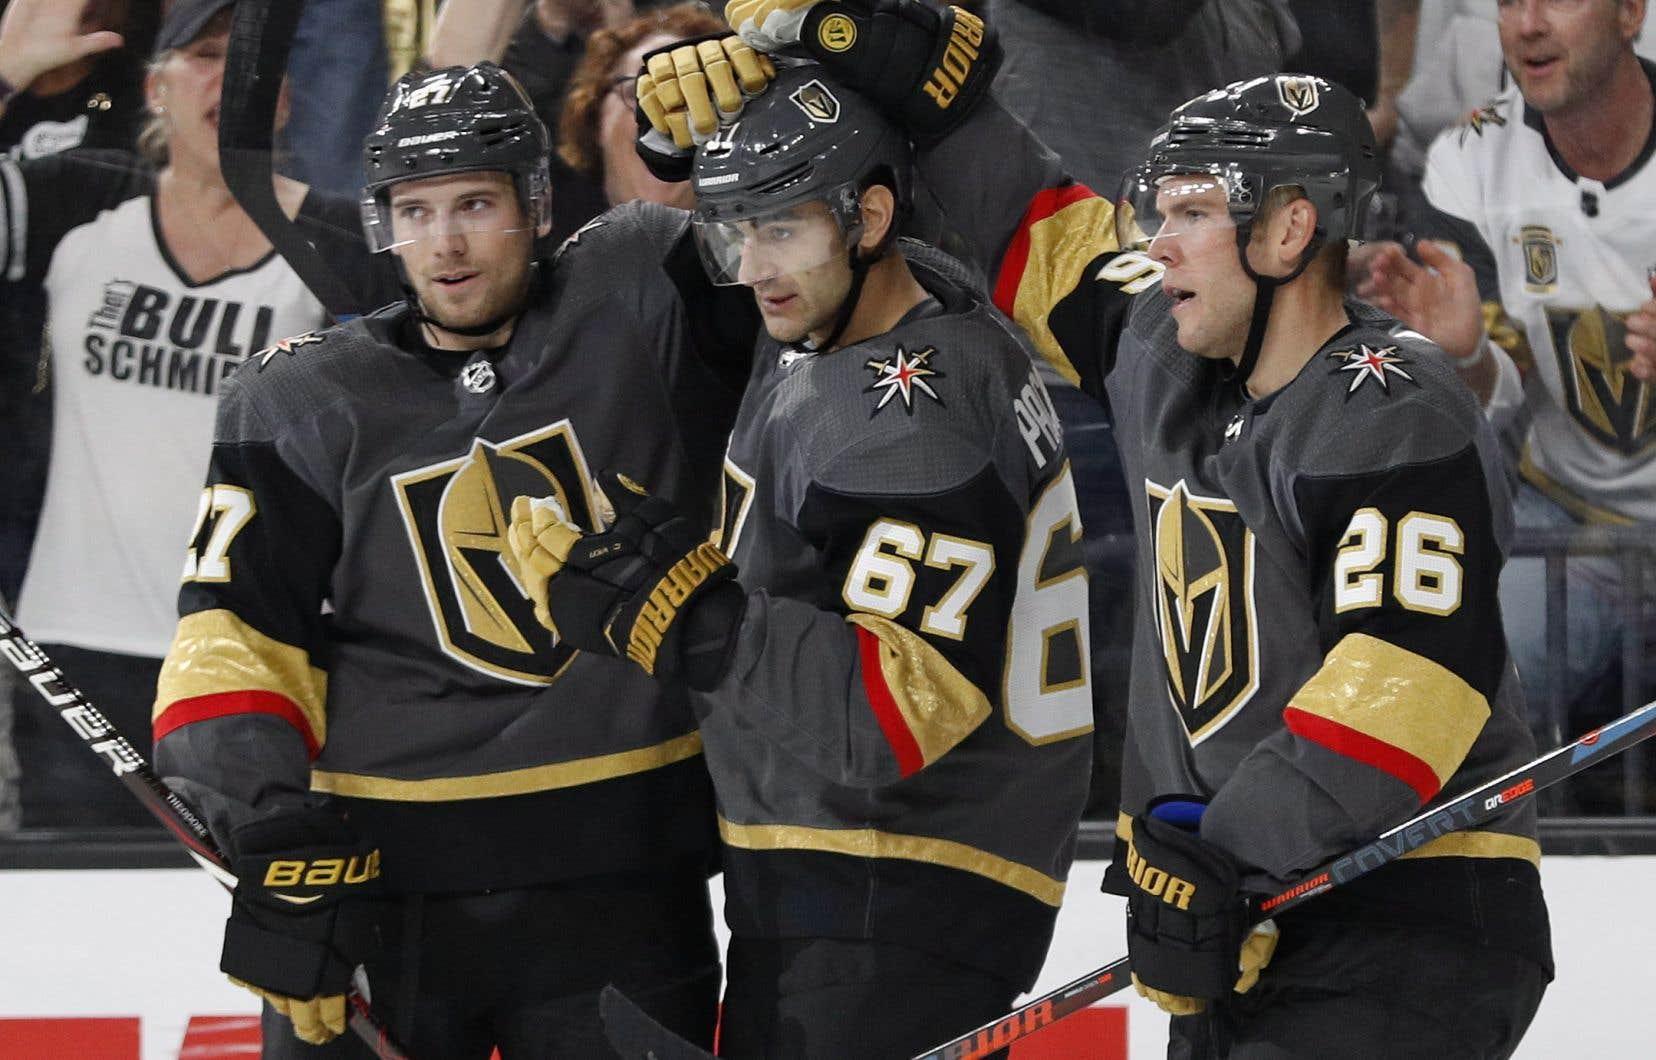 Aucun joueur ni aucune équipe n'ont autant retenu l'attention que les Golden Knights de Vegas la saison dernière.